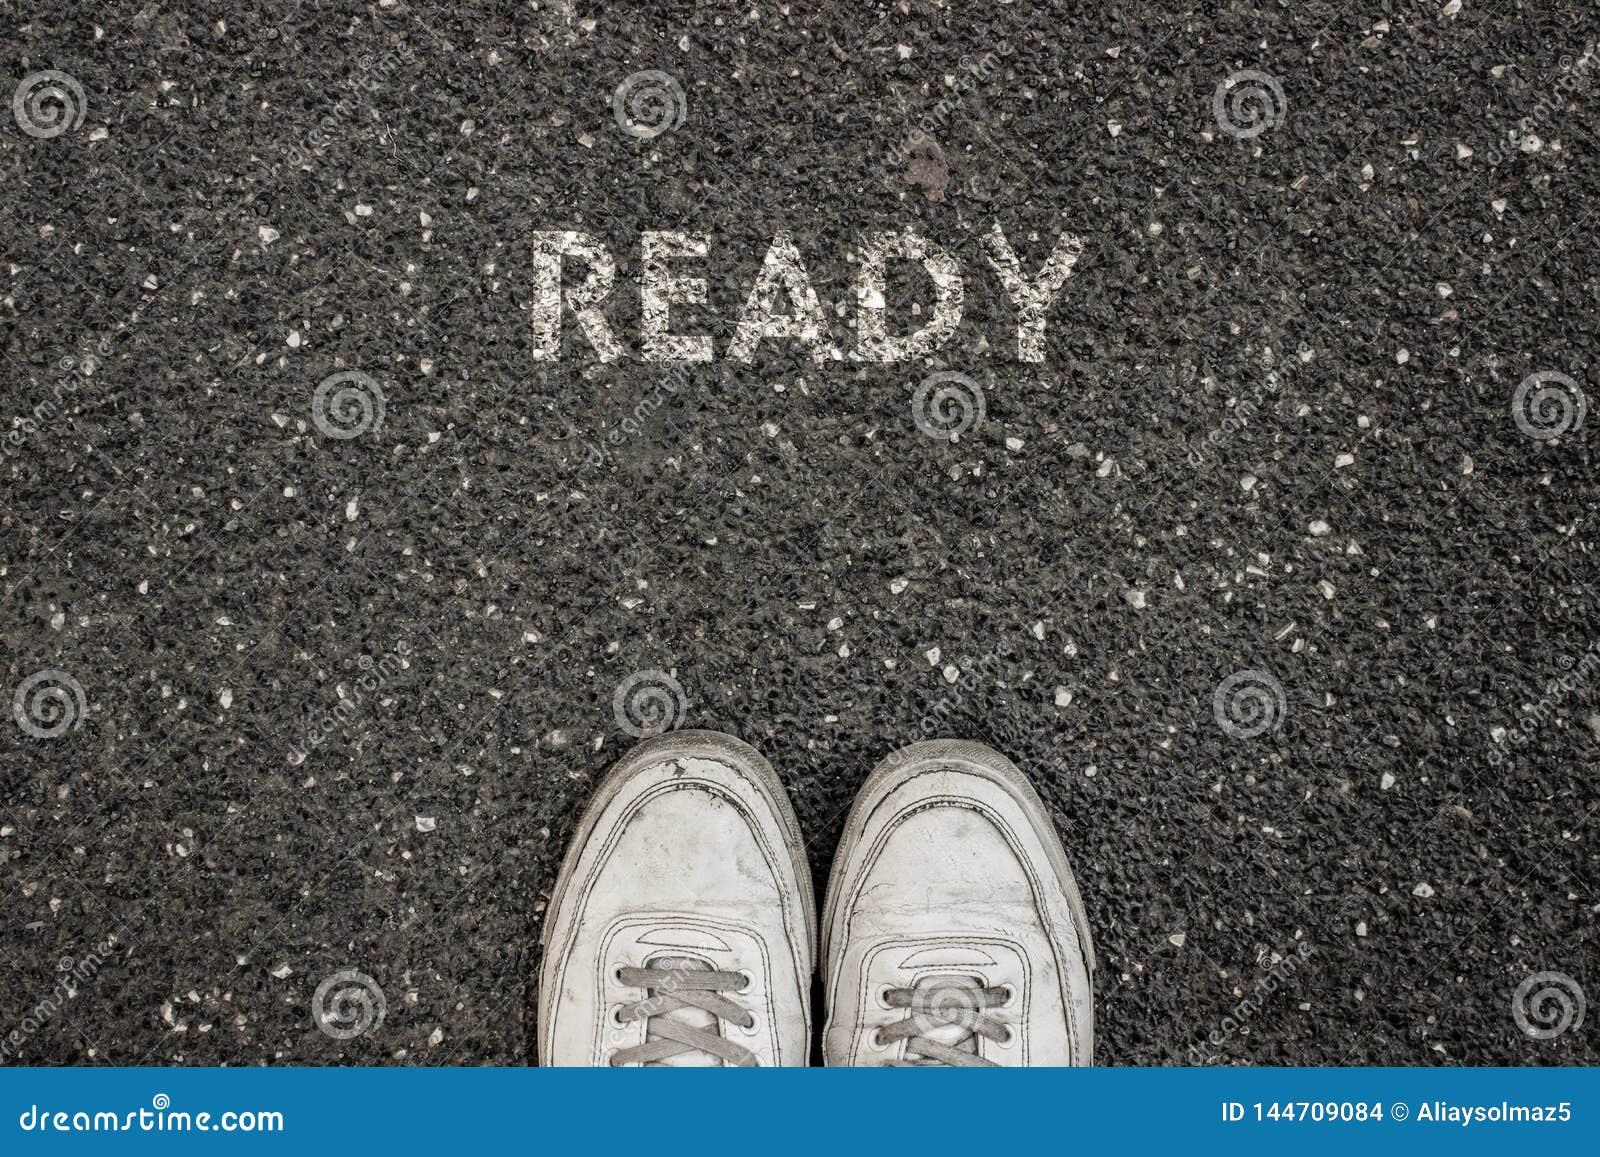 Nuovo concetto di vita, slogan motivazionale con la parola PRONTA sul terreno di asfalto